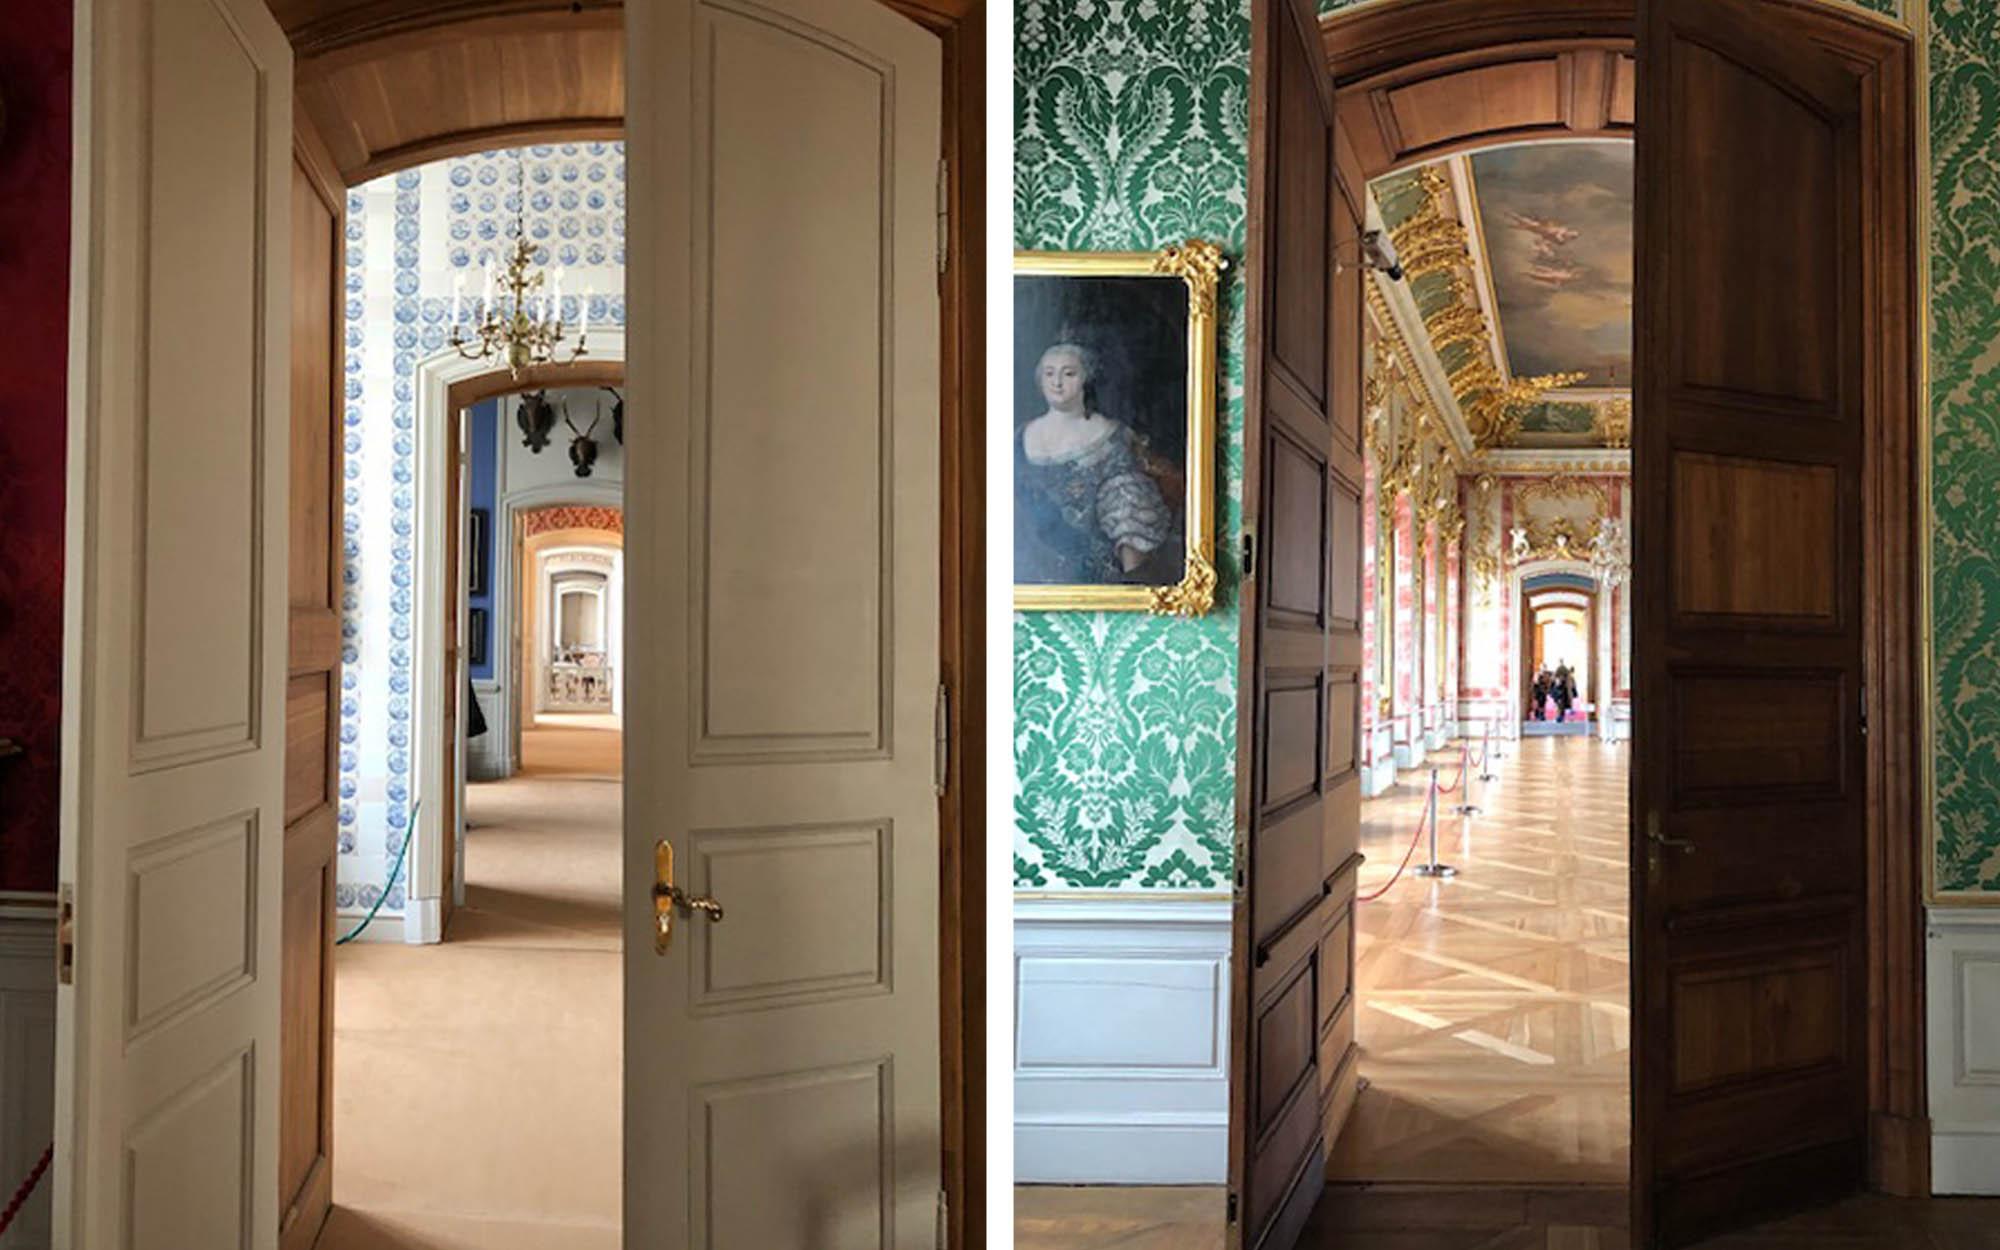 Kāpēc telpu durvis ir dažādas – gan nekrāsotas, gan krāsotas?